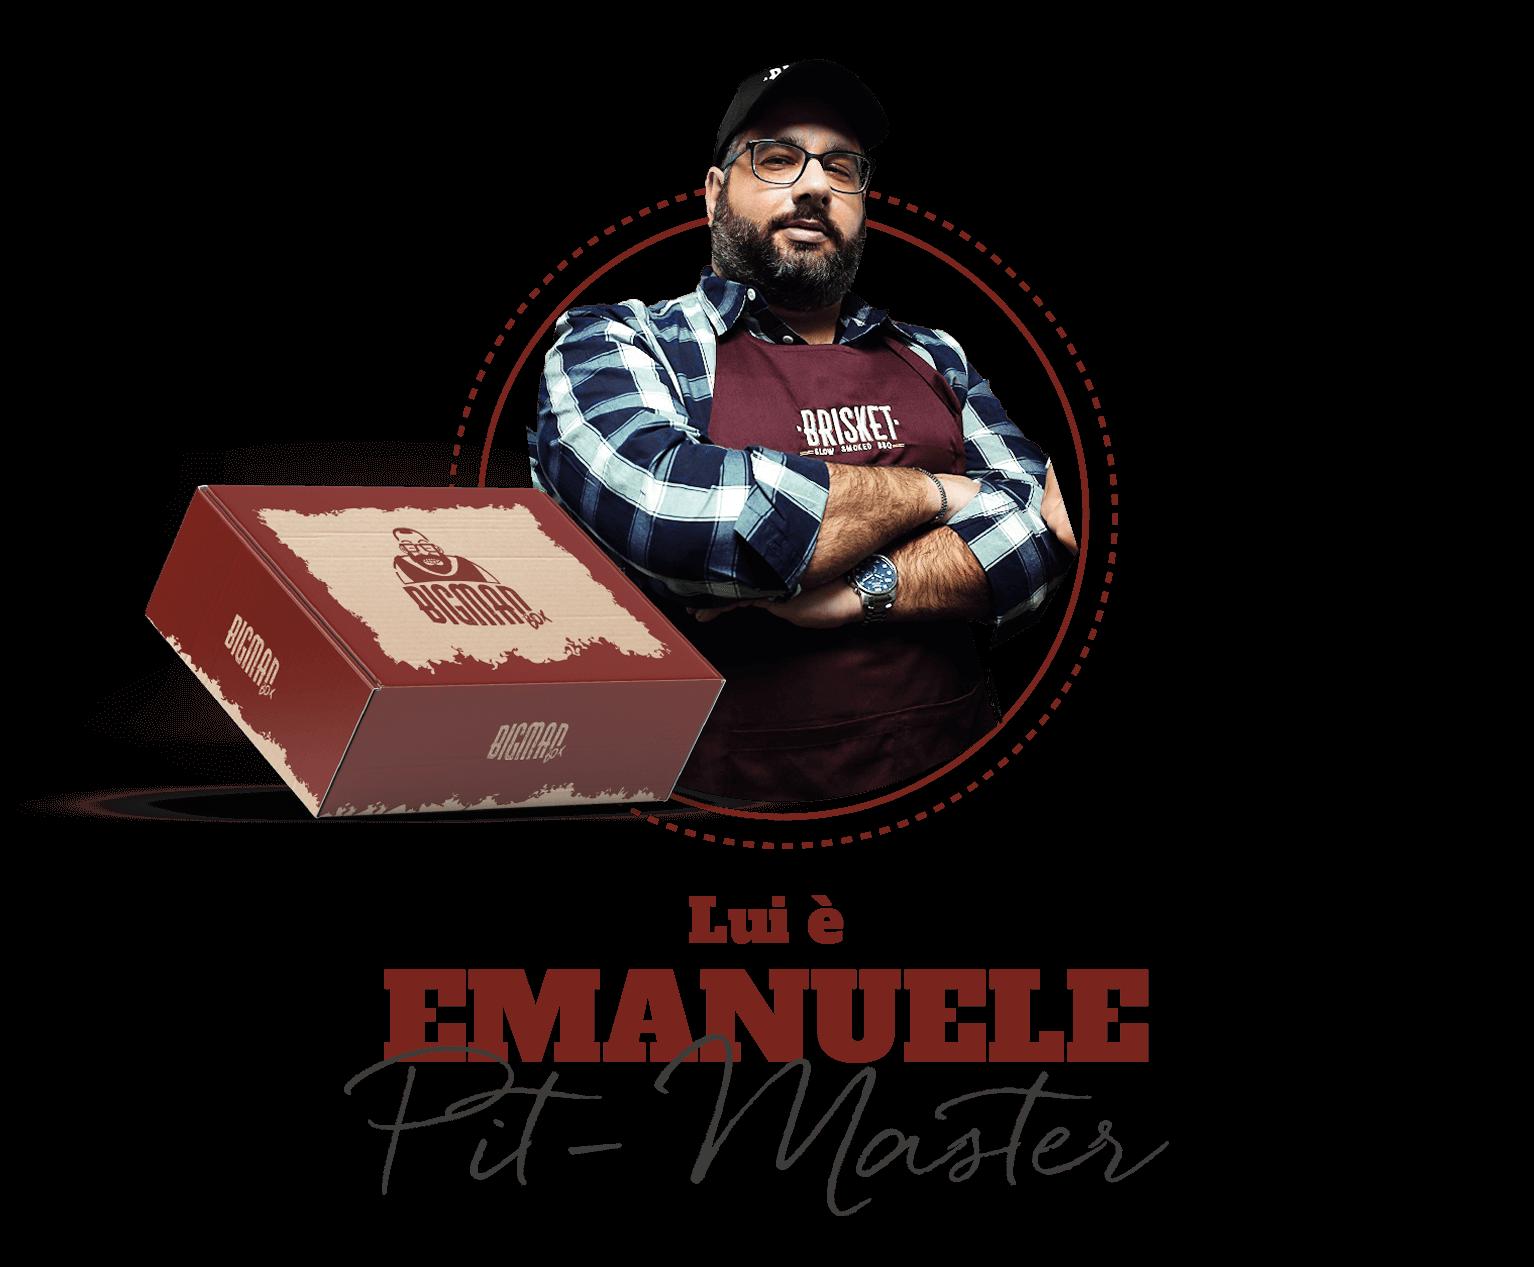 Emanuele Pit-Master